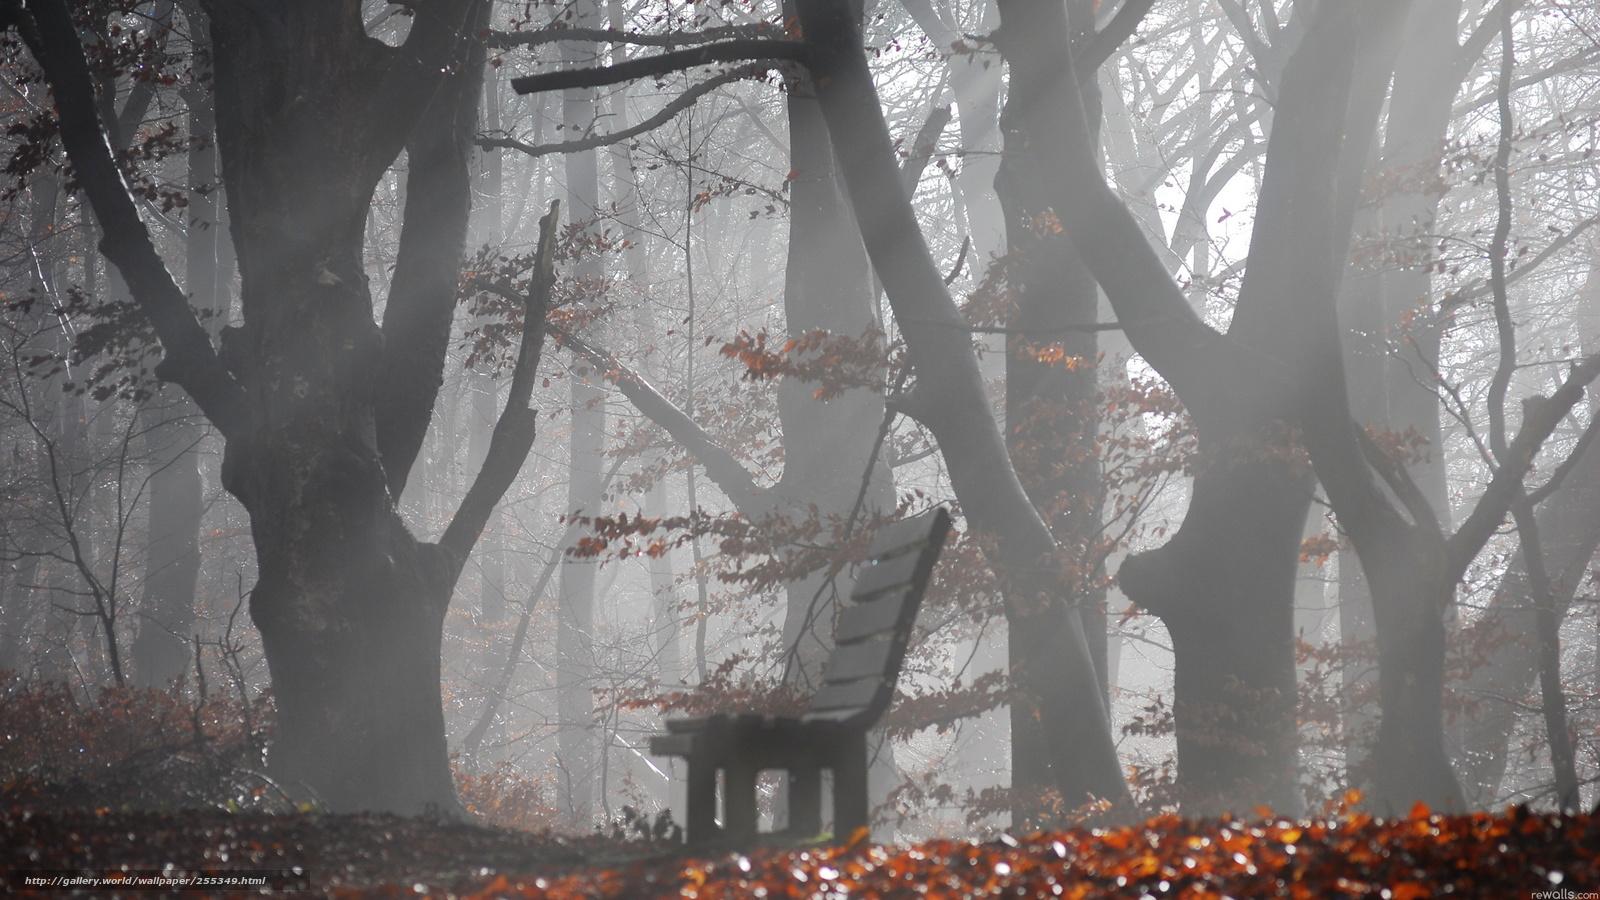 Фотографируем в непогоду: снег, дождь, туман